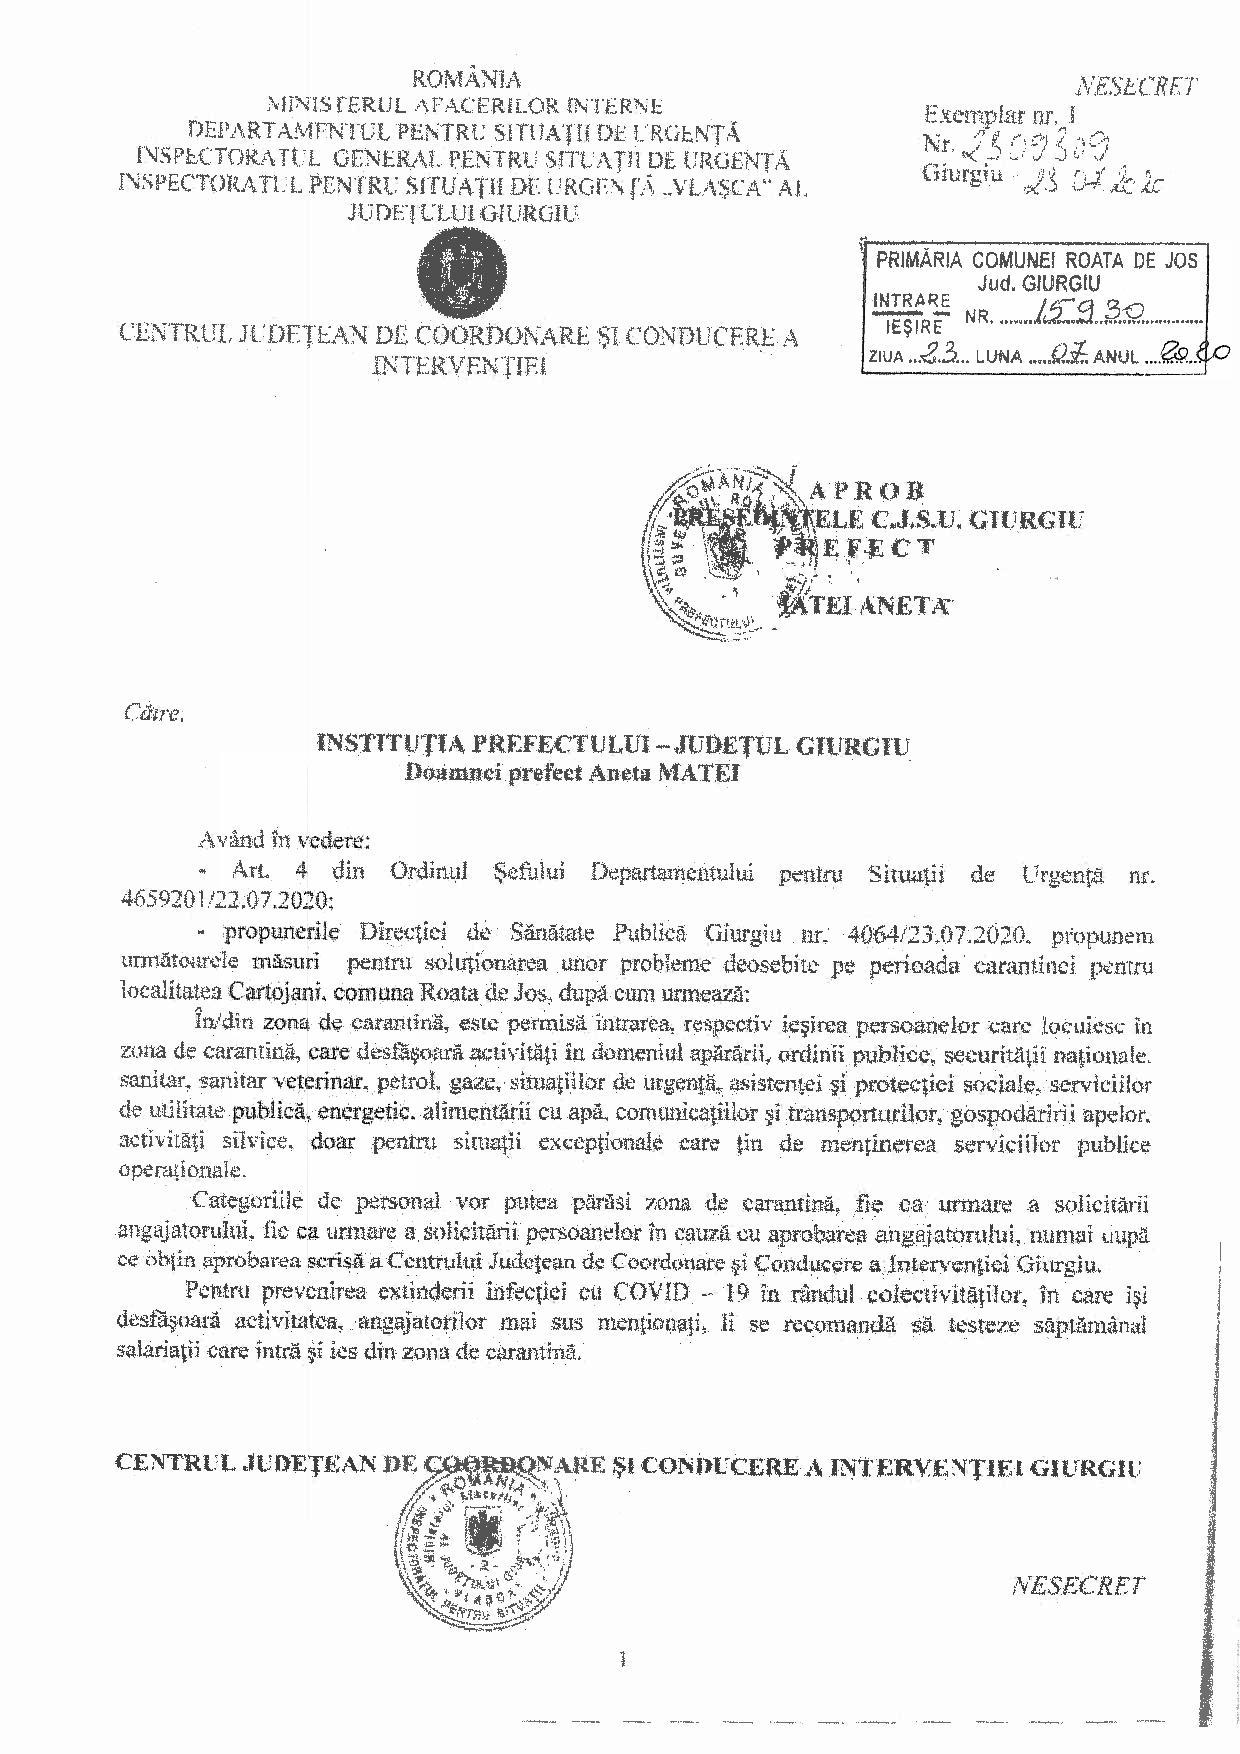 Propunere măsuri pentru soluționarea problemelor deosebite pe perioada carantinei pentru localitatea Cartojani